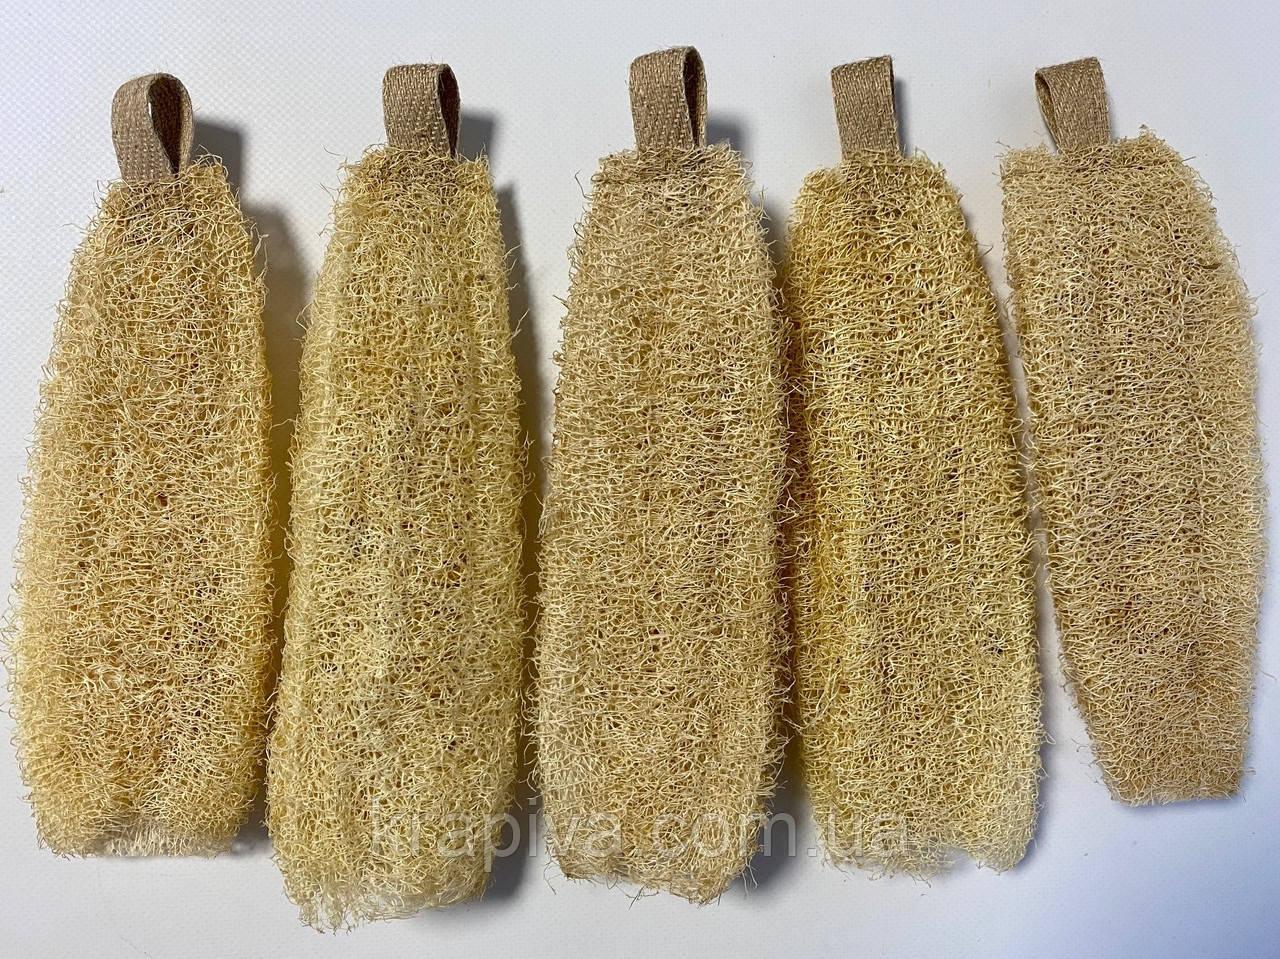 Люфа 20 см, мочалка натуральная, экологичная губка, мочалка з люфи натуральна органічна, екологічна